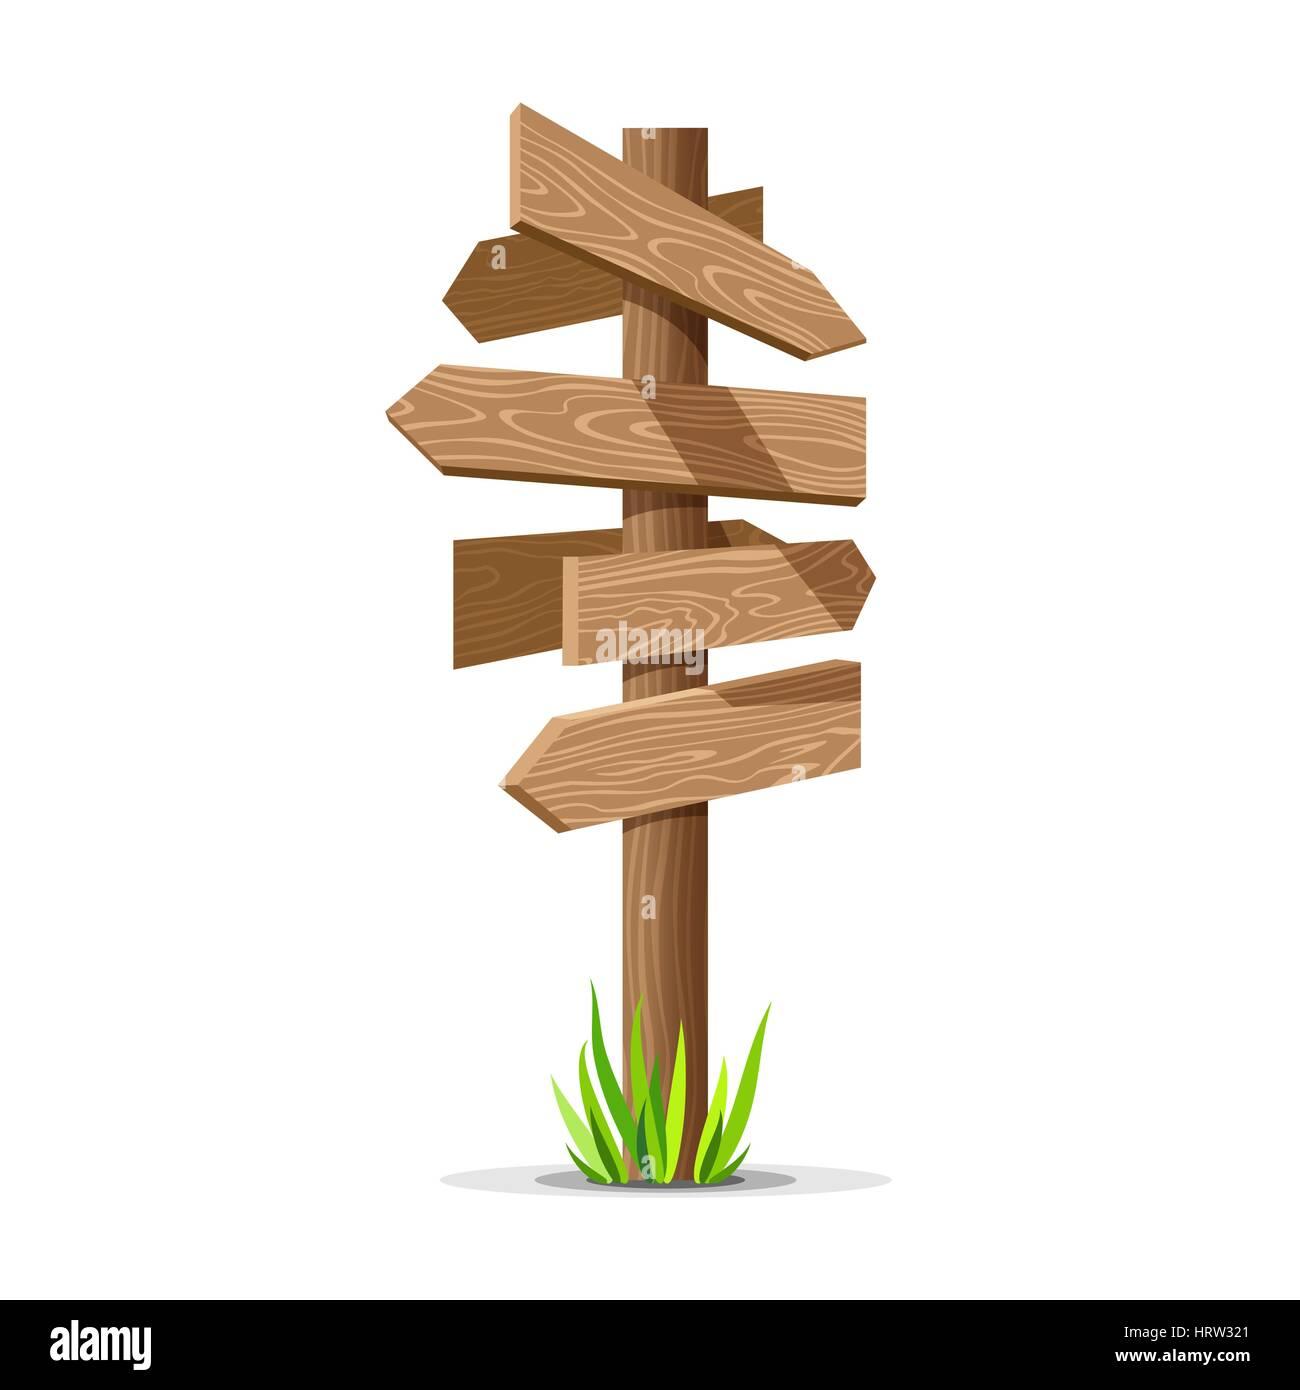 Wooden arrow vector empty signboard - Stock Image